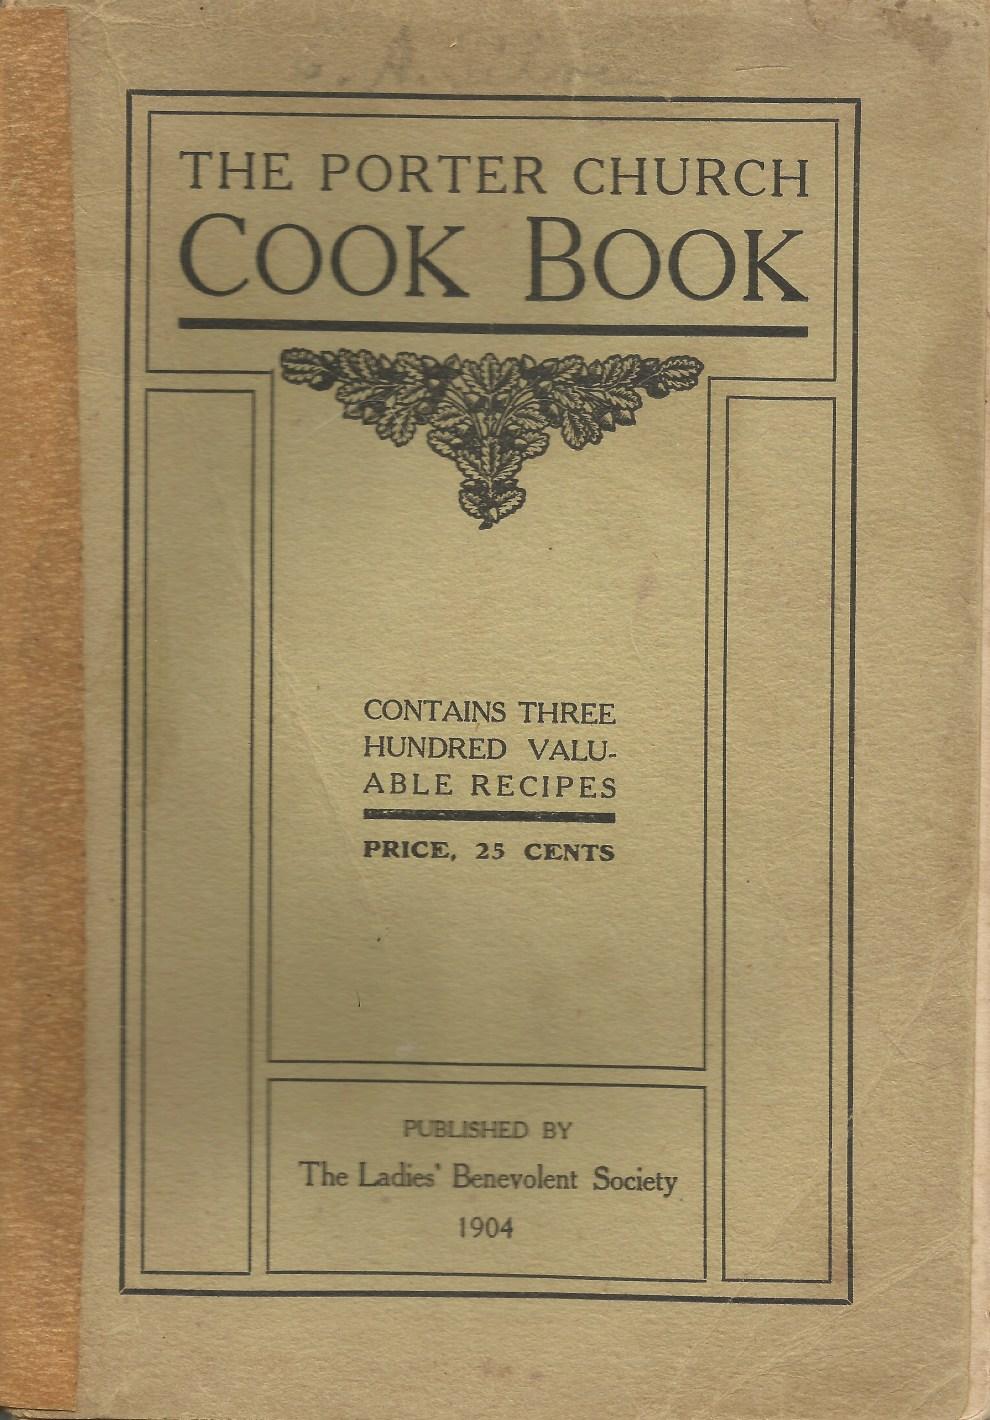 The Porter Church Cook Book 1